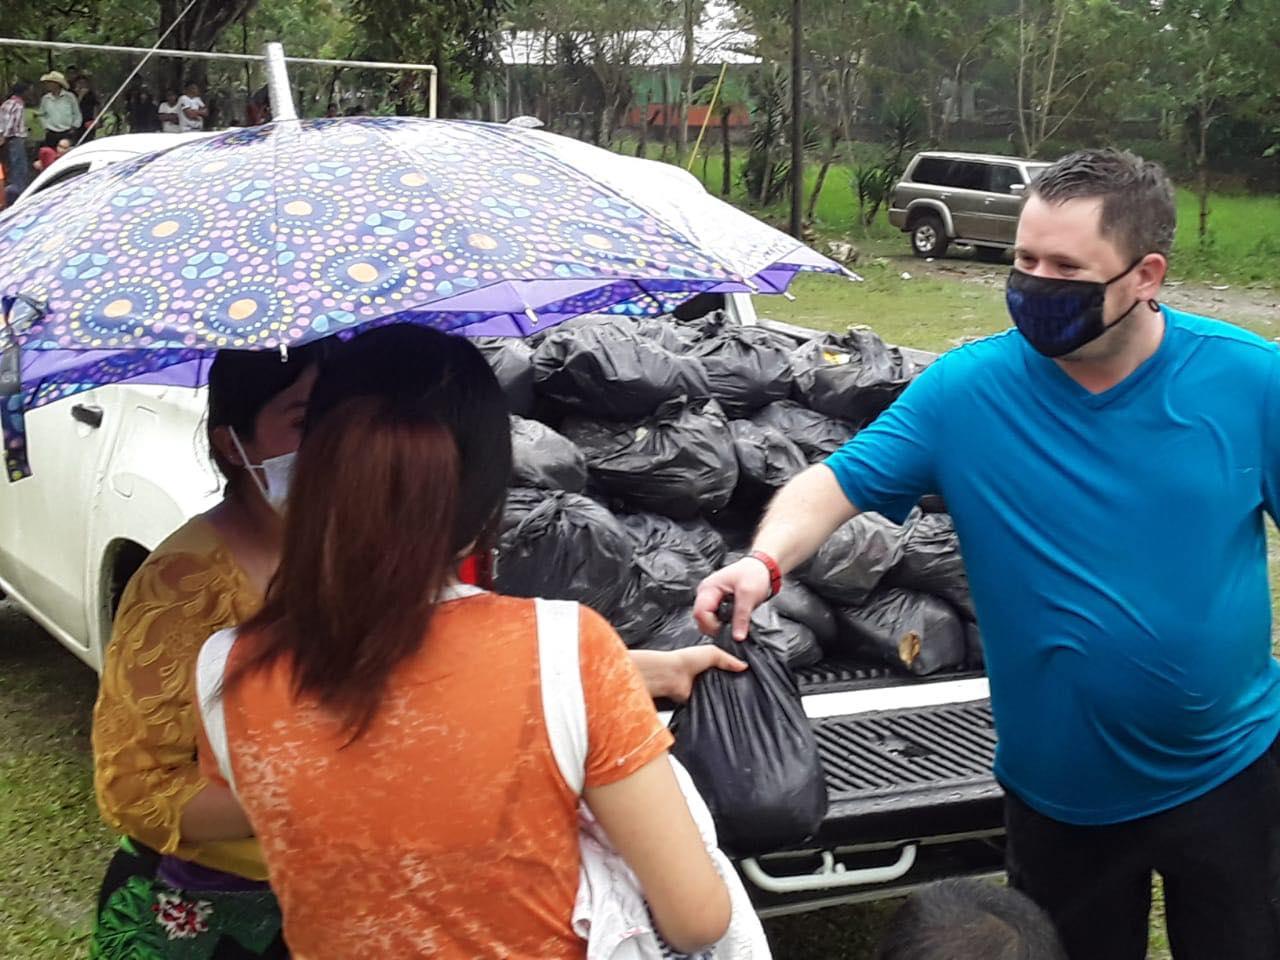 El Valle de Sula concentra el 80% de los casos de COVID-19 de todo el país. Allí se han repartido alrededor de 36 toneladas de alimentos a familias de escasos recursos en 13 comunidades de las zonas cercanas a Rio Lindo. Foto cortesía de la familia Somerville.